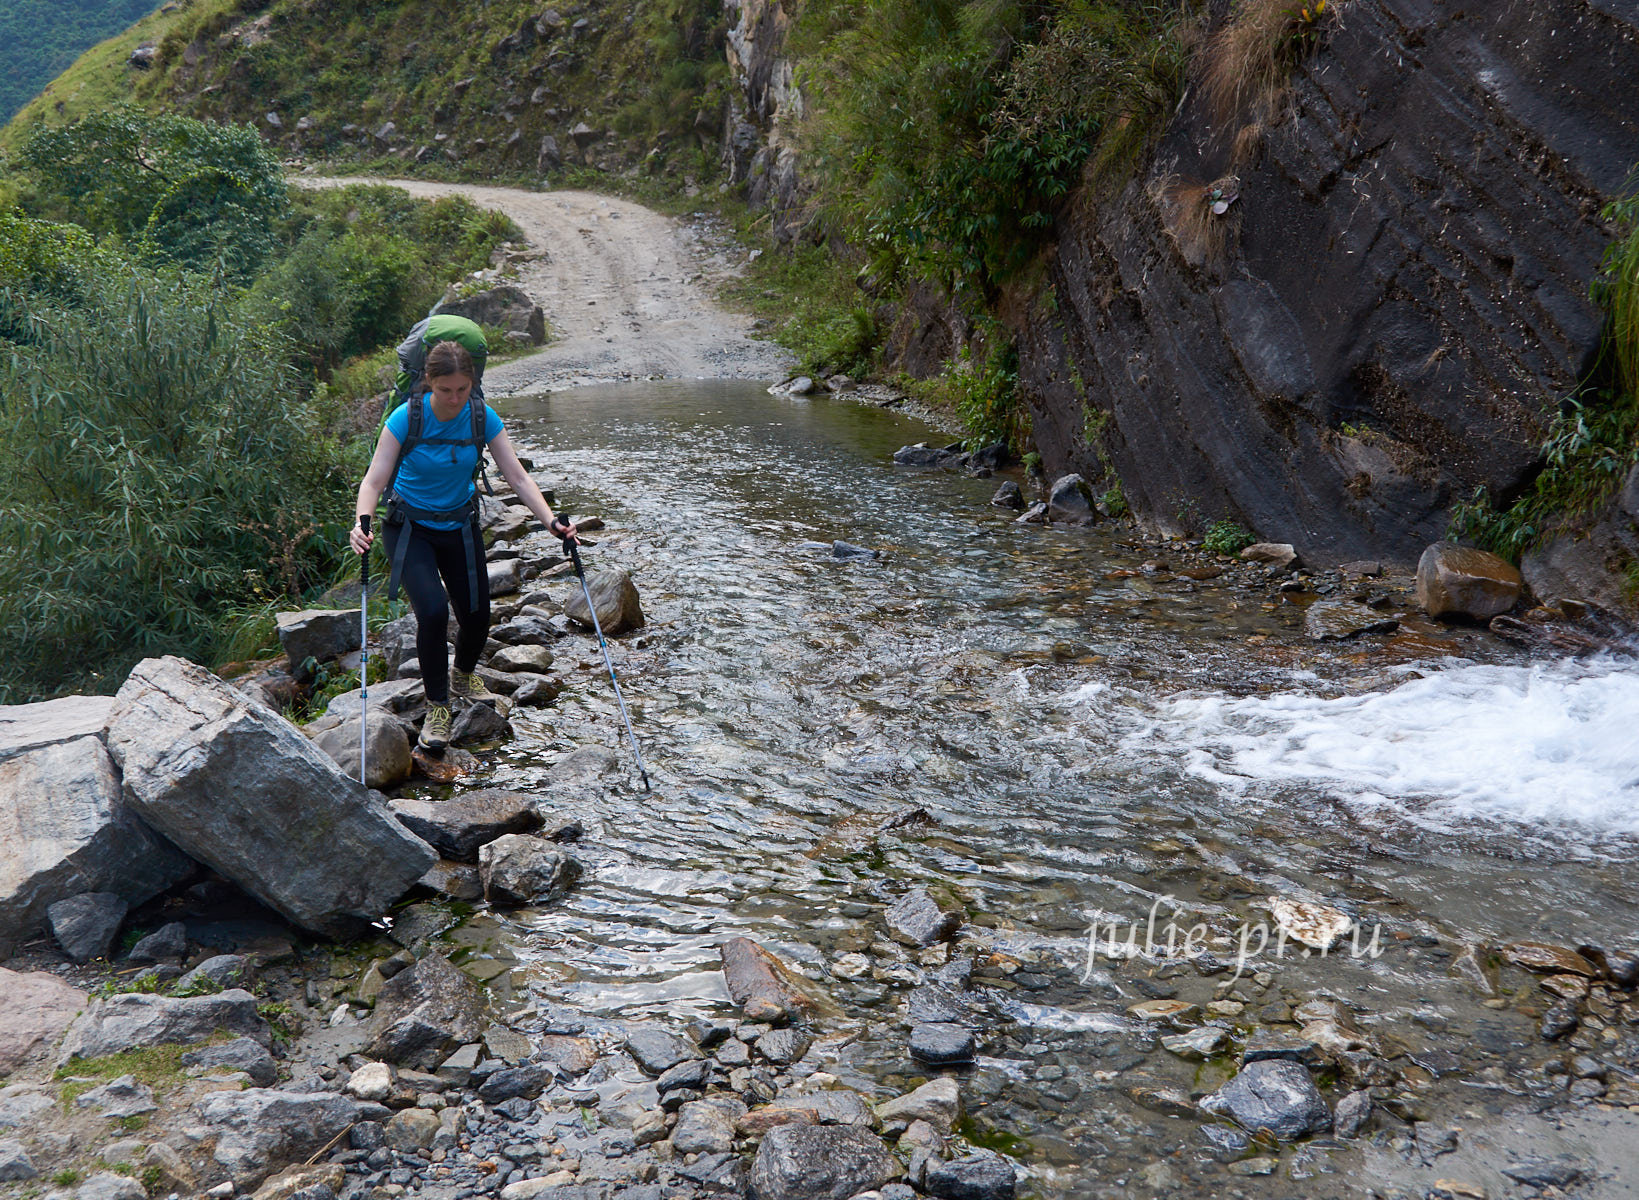 Непал, Трек вокруг Аннапурны, тропа через поток